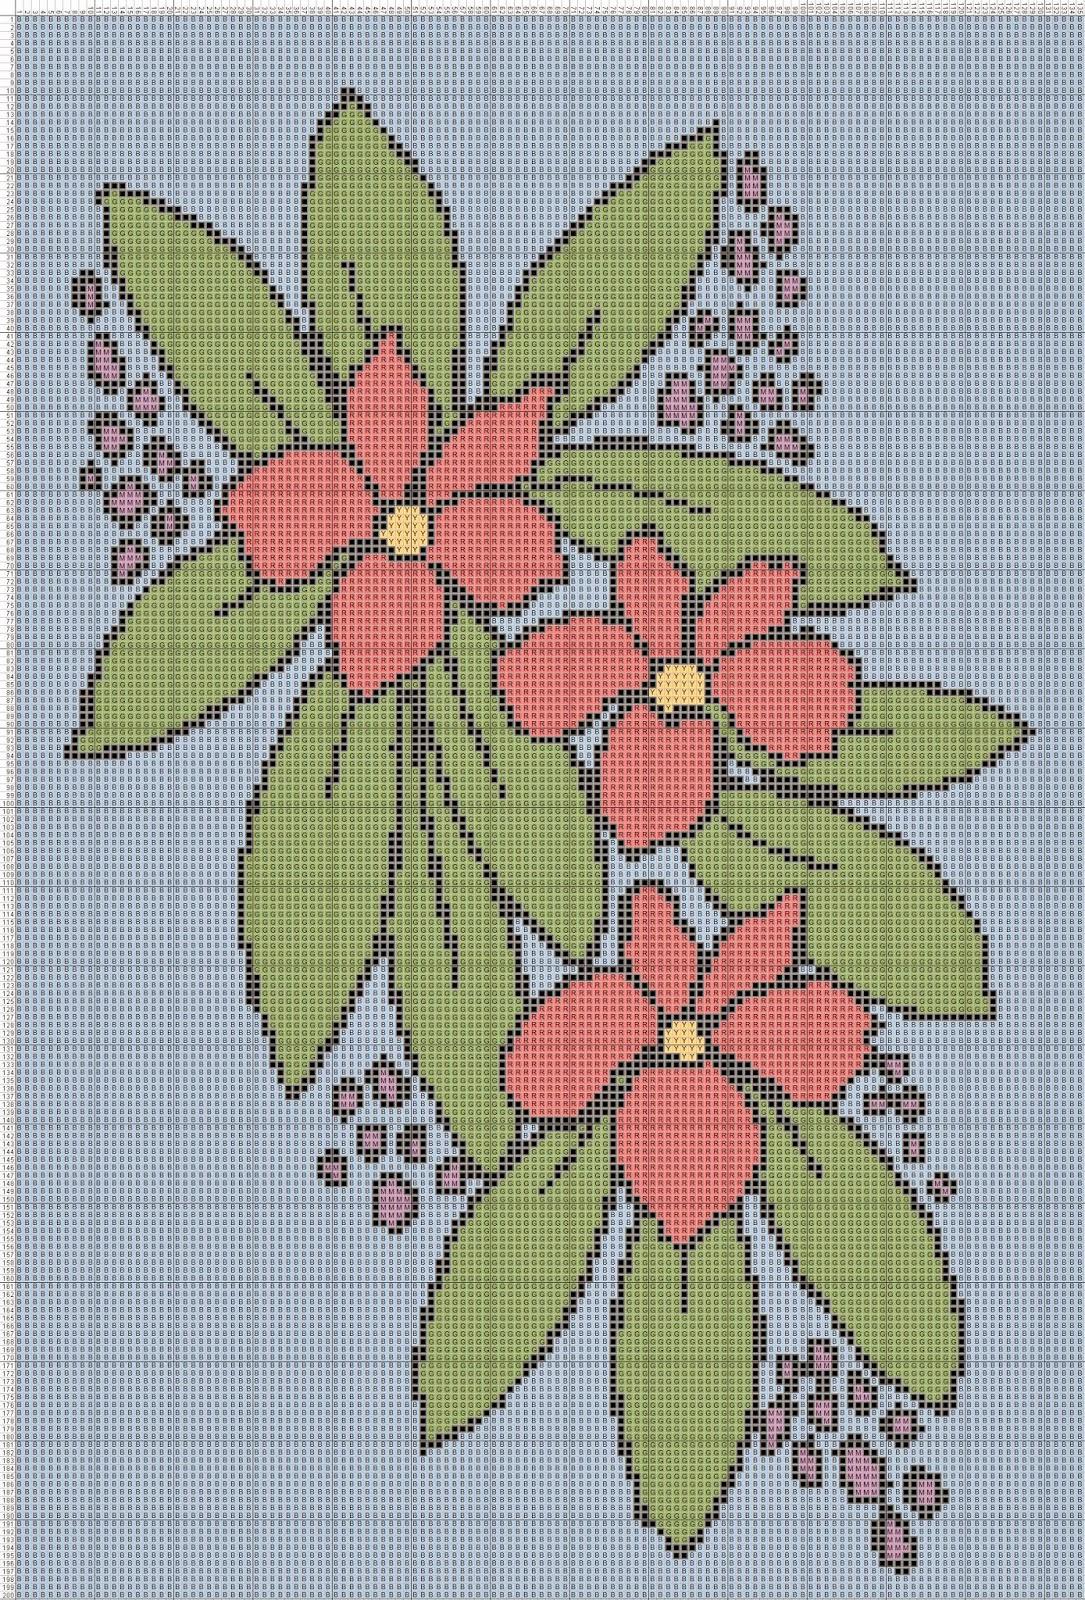 Gambar Pola Kristik Sederhana Corak Bunga